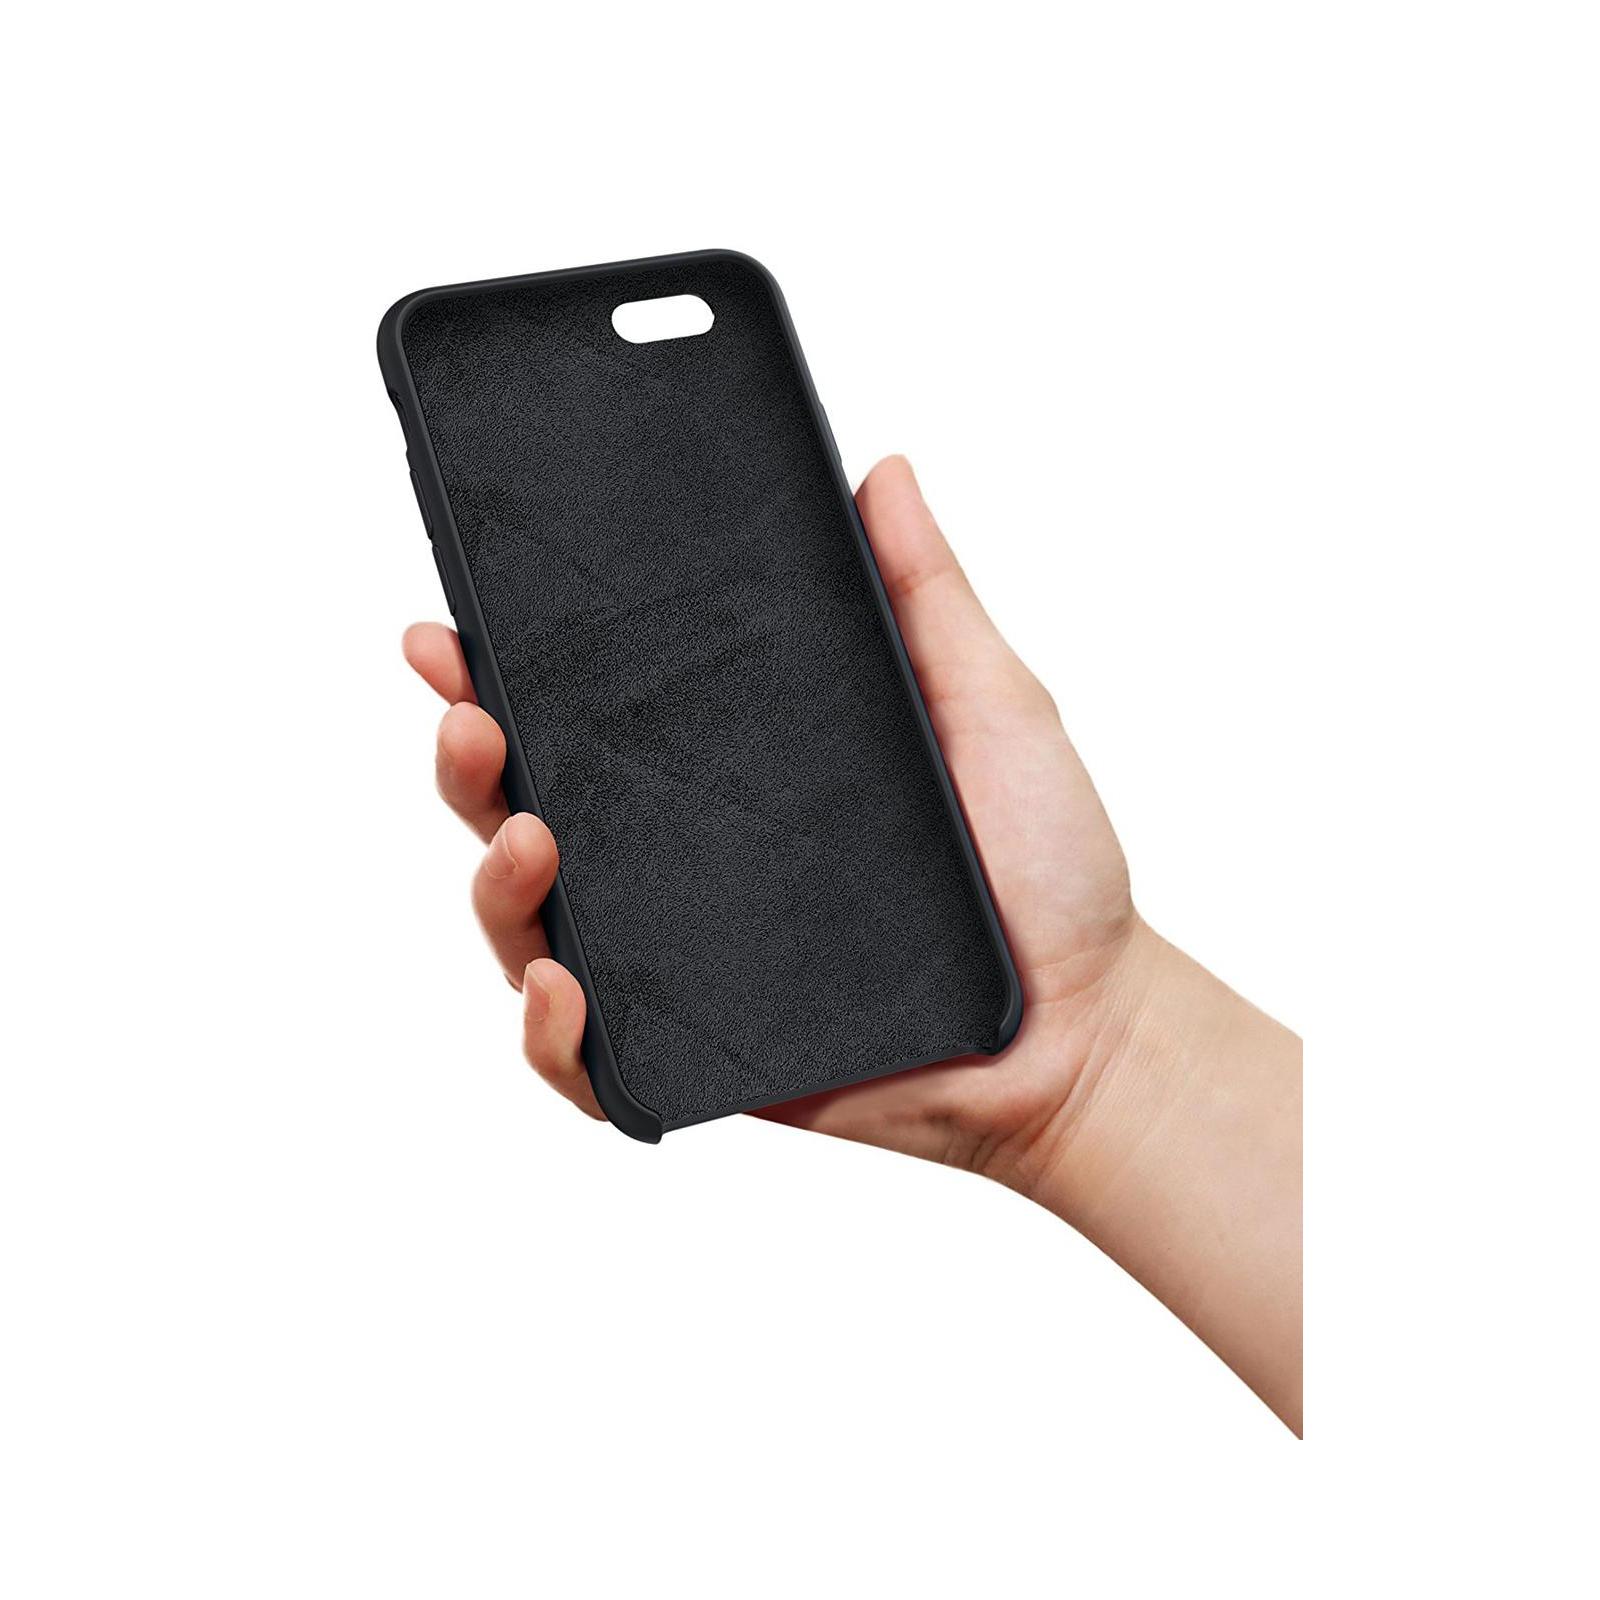 Чехол для моб. телефона Laudtec для iPhone 6/6s liquid case (black) (LT-I6LC) изображение 8